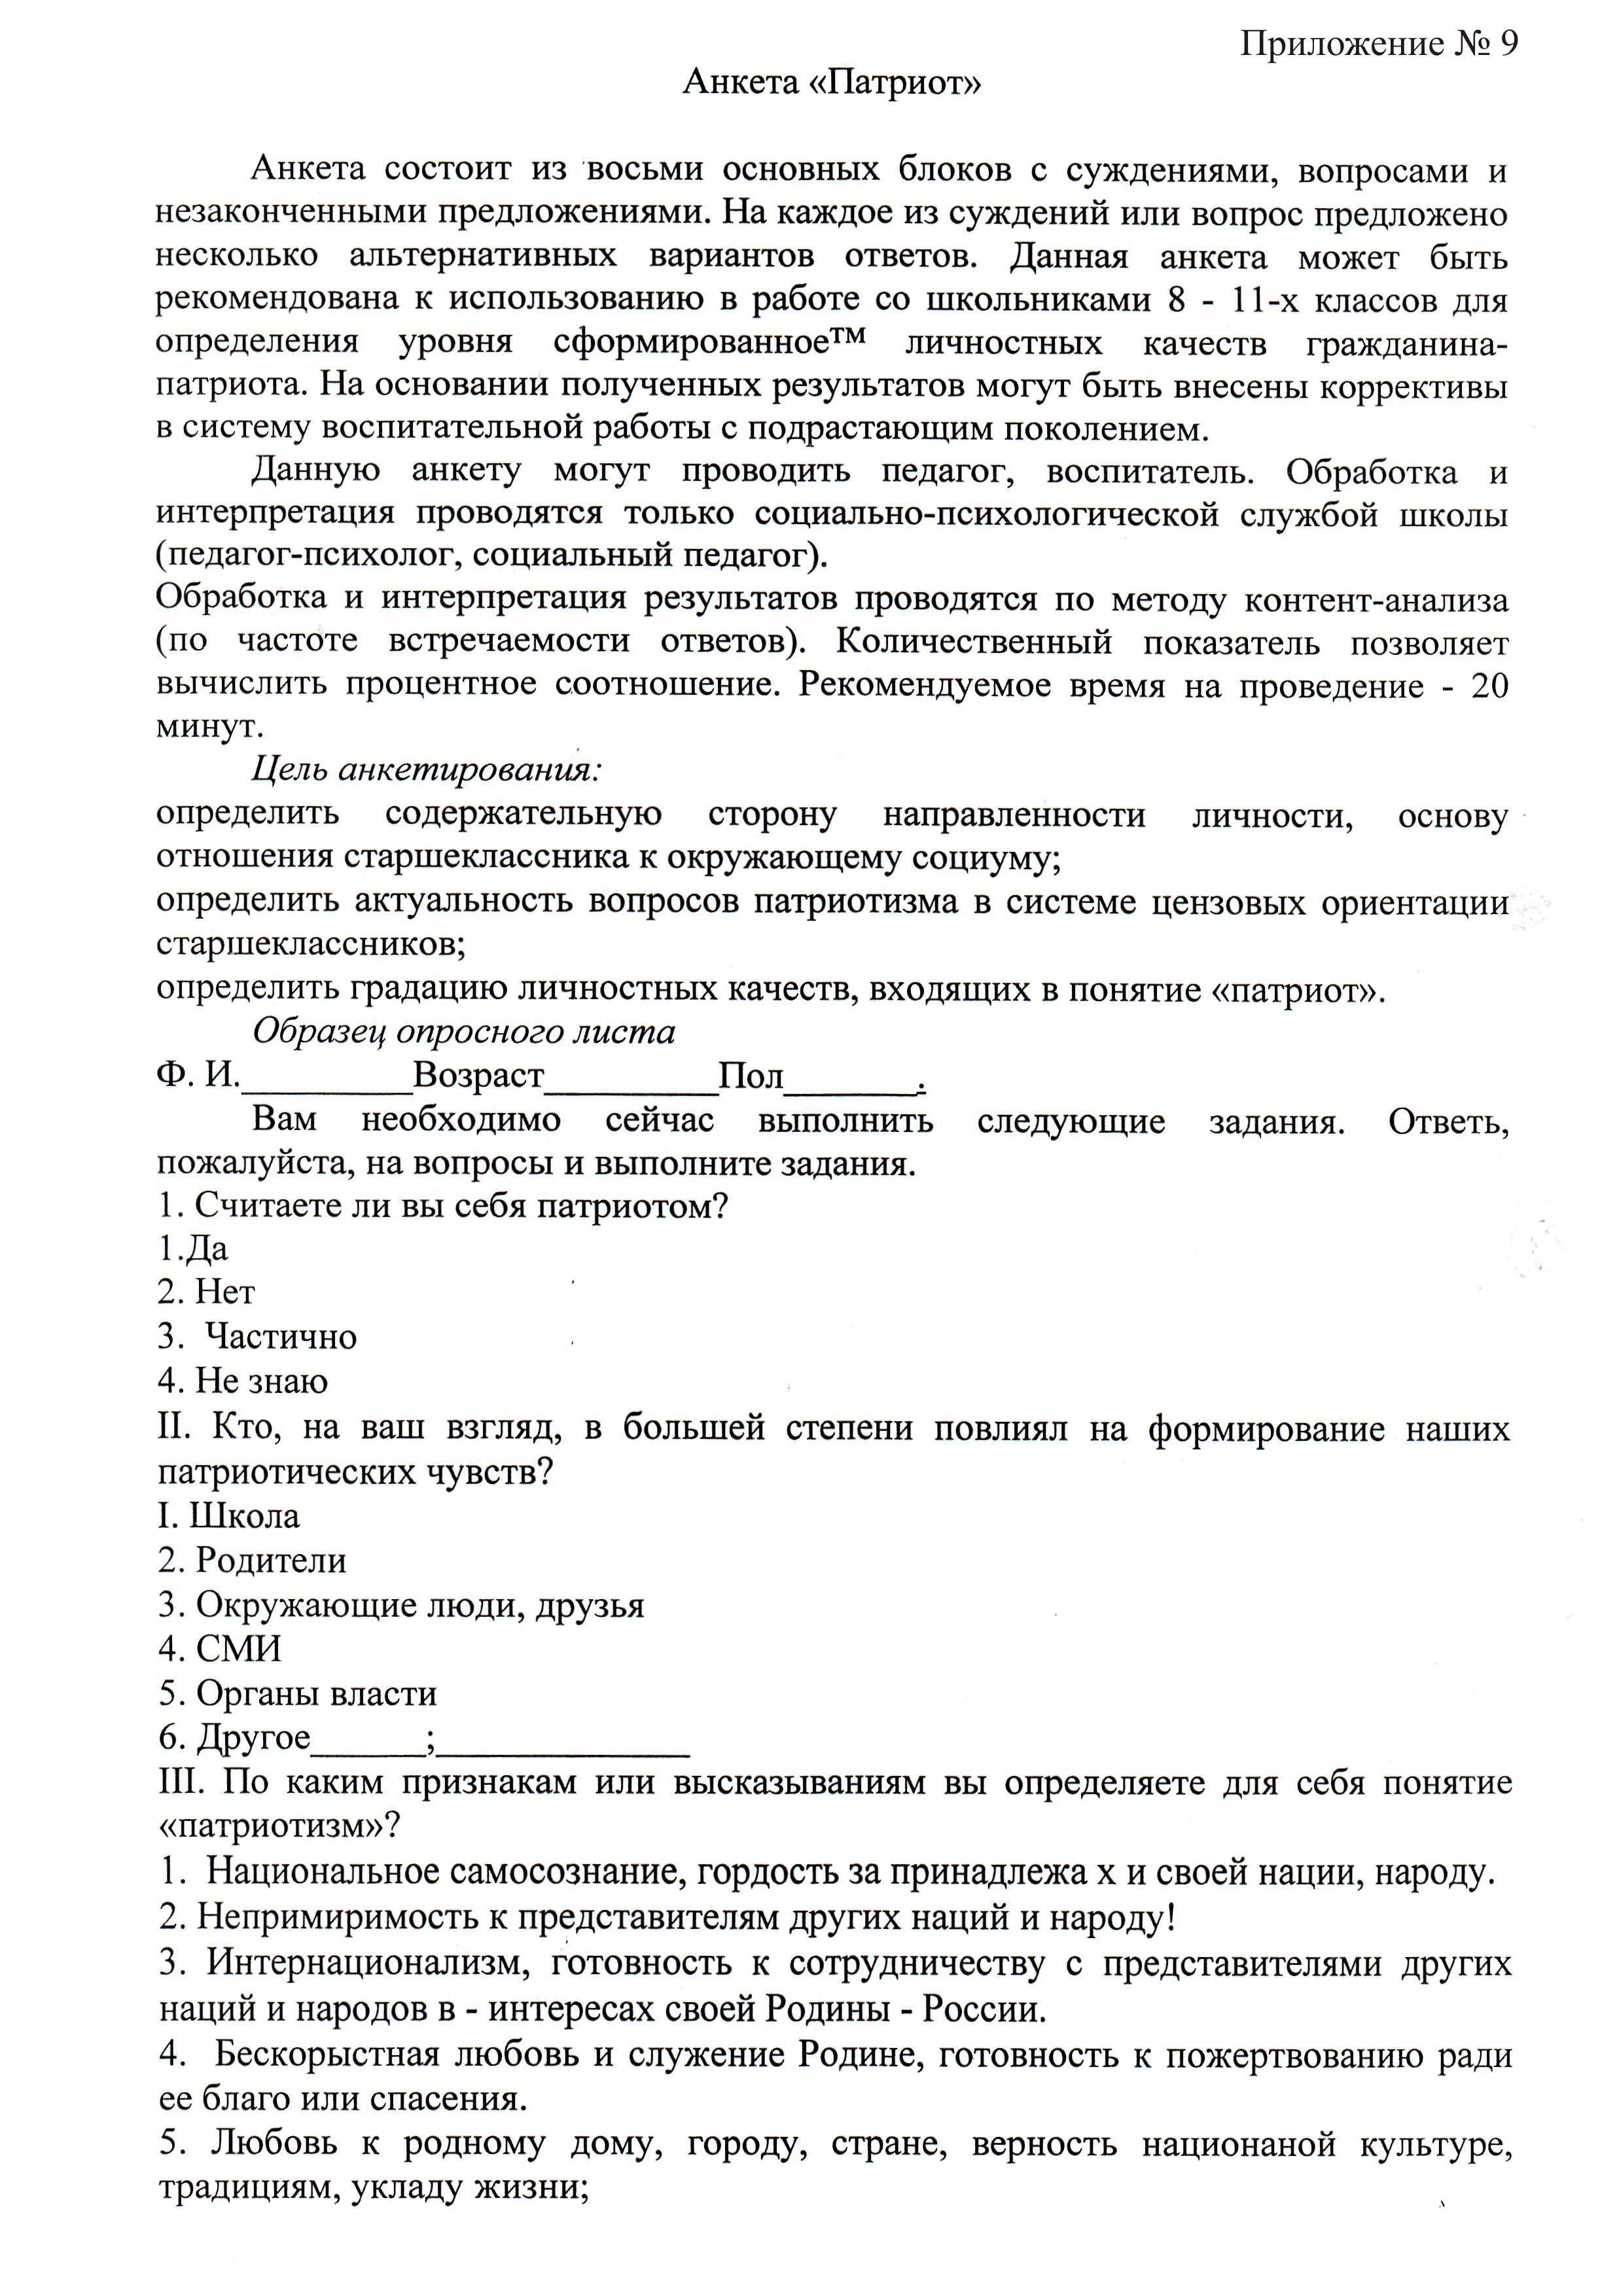 Приложение 9 (1)